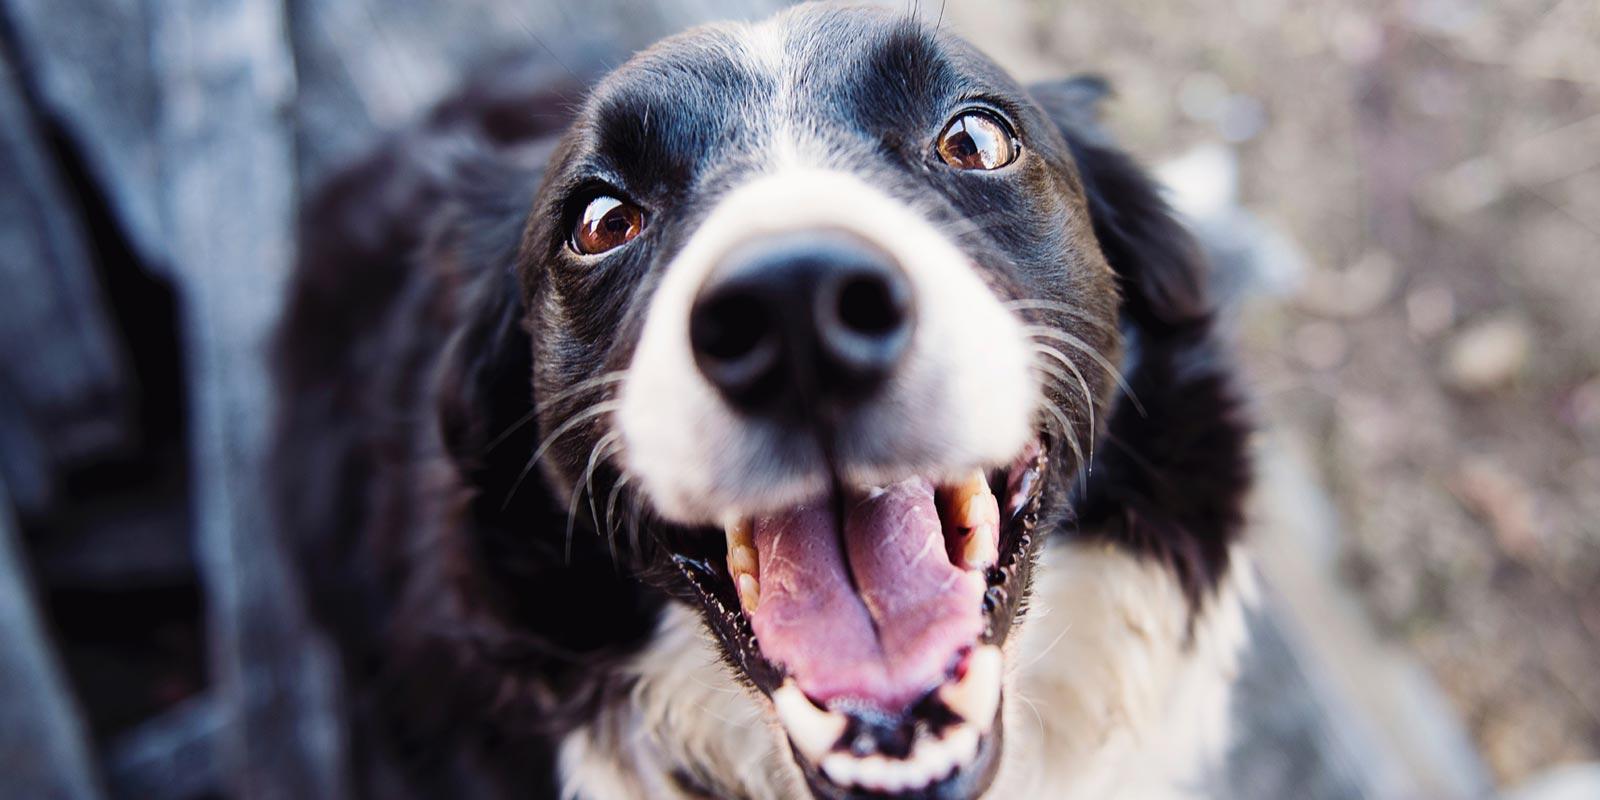 En la imagen se ve la cara de un perro negro con blanco en primer plano, con la lengua asomada.